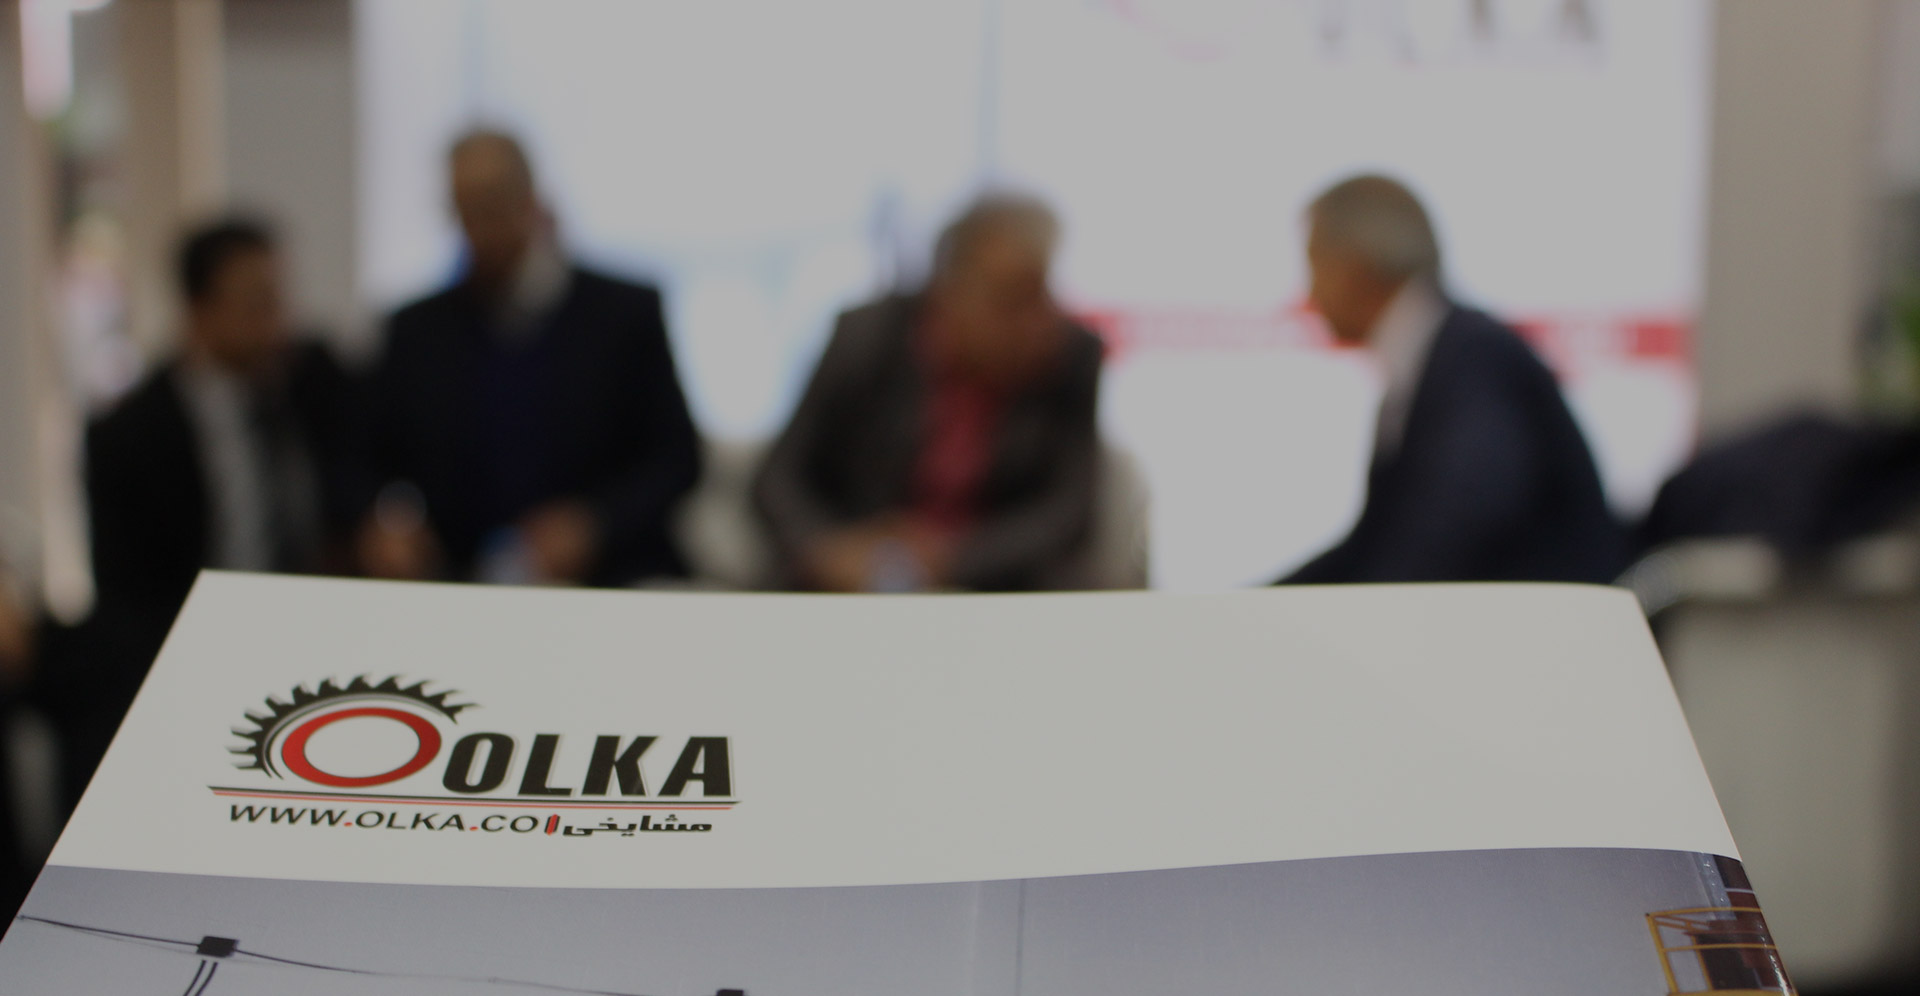 olka_slider1